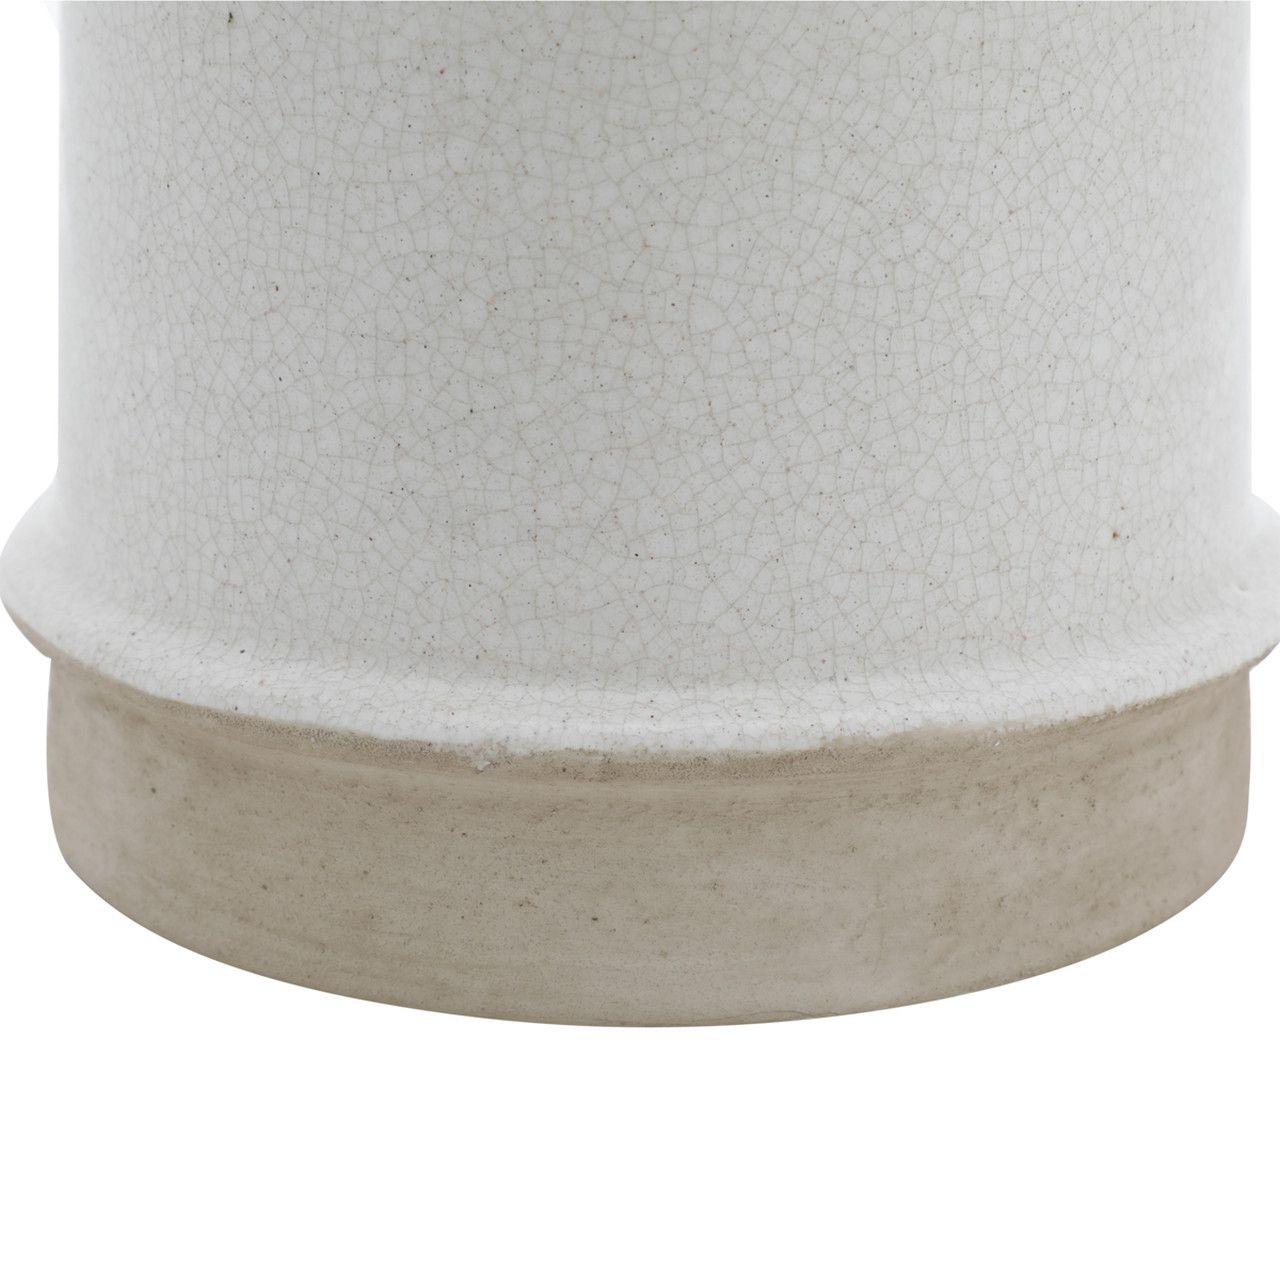 Conjunto com 2 Cachepot Decorativo Porcelana Marfim